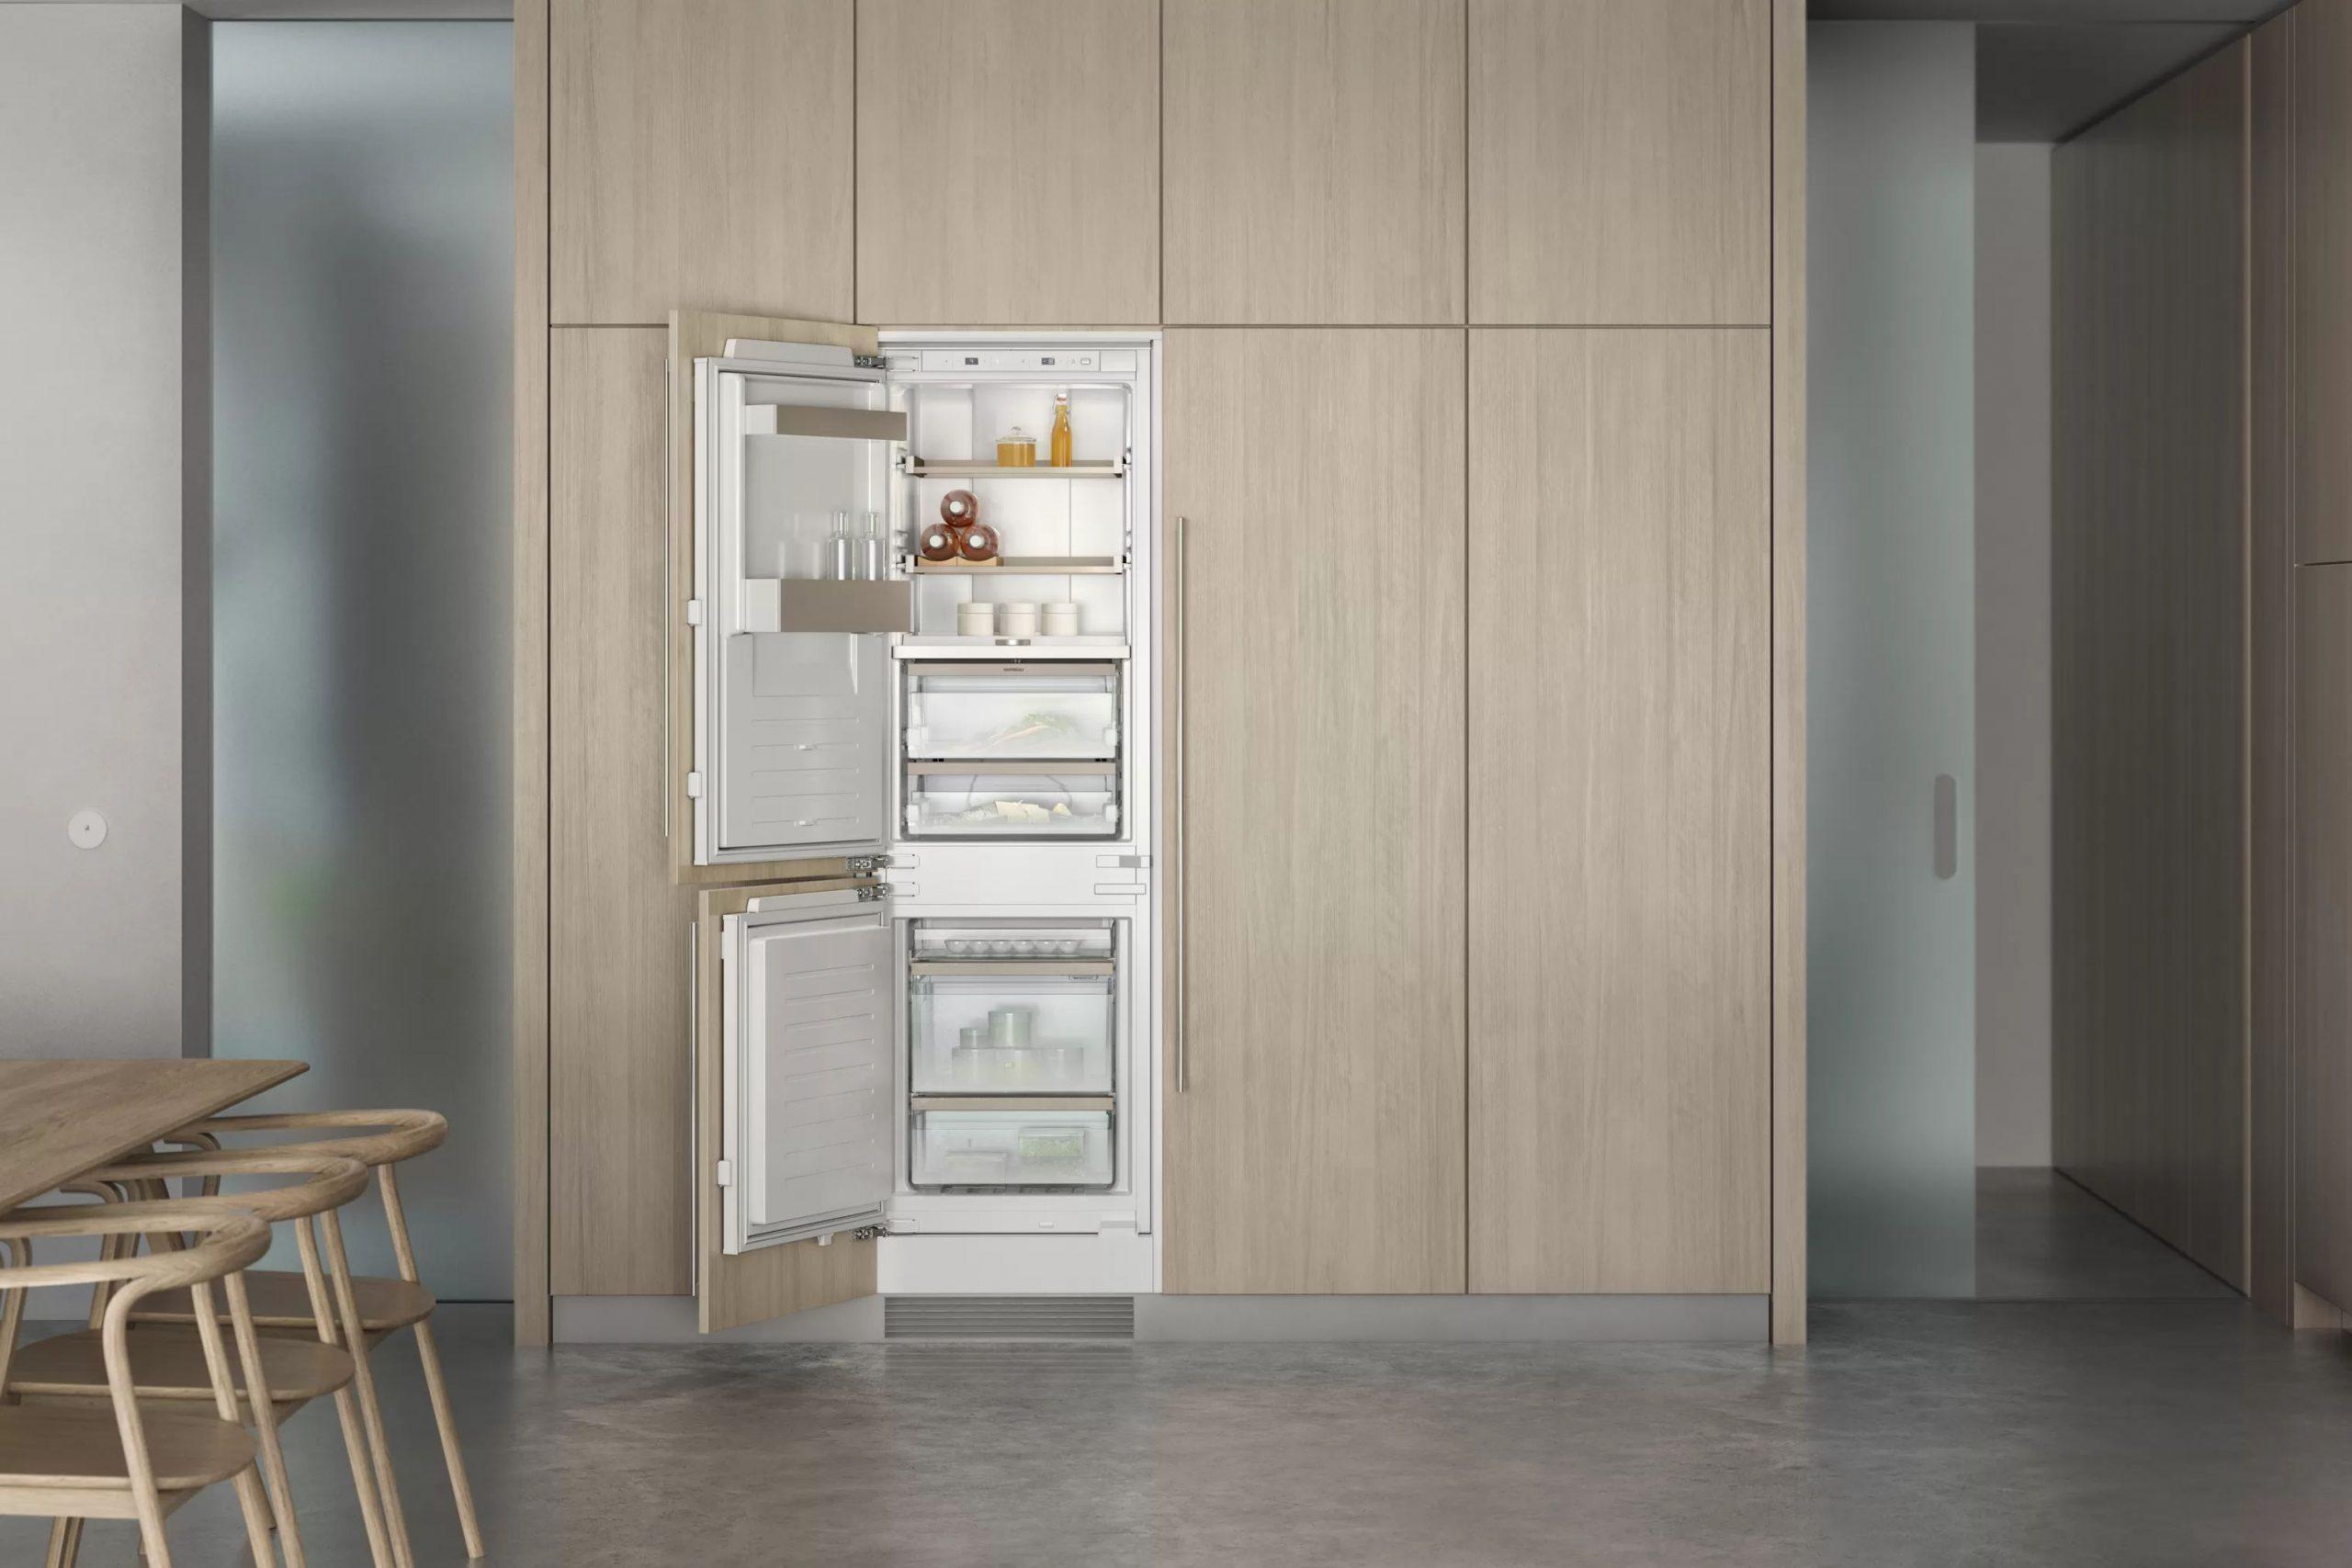 Vario fridge-freezer combination 200 Series